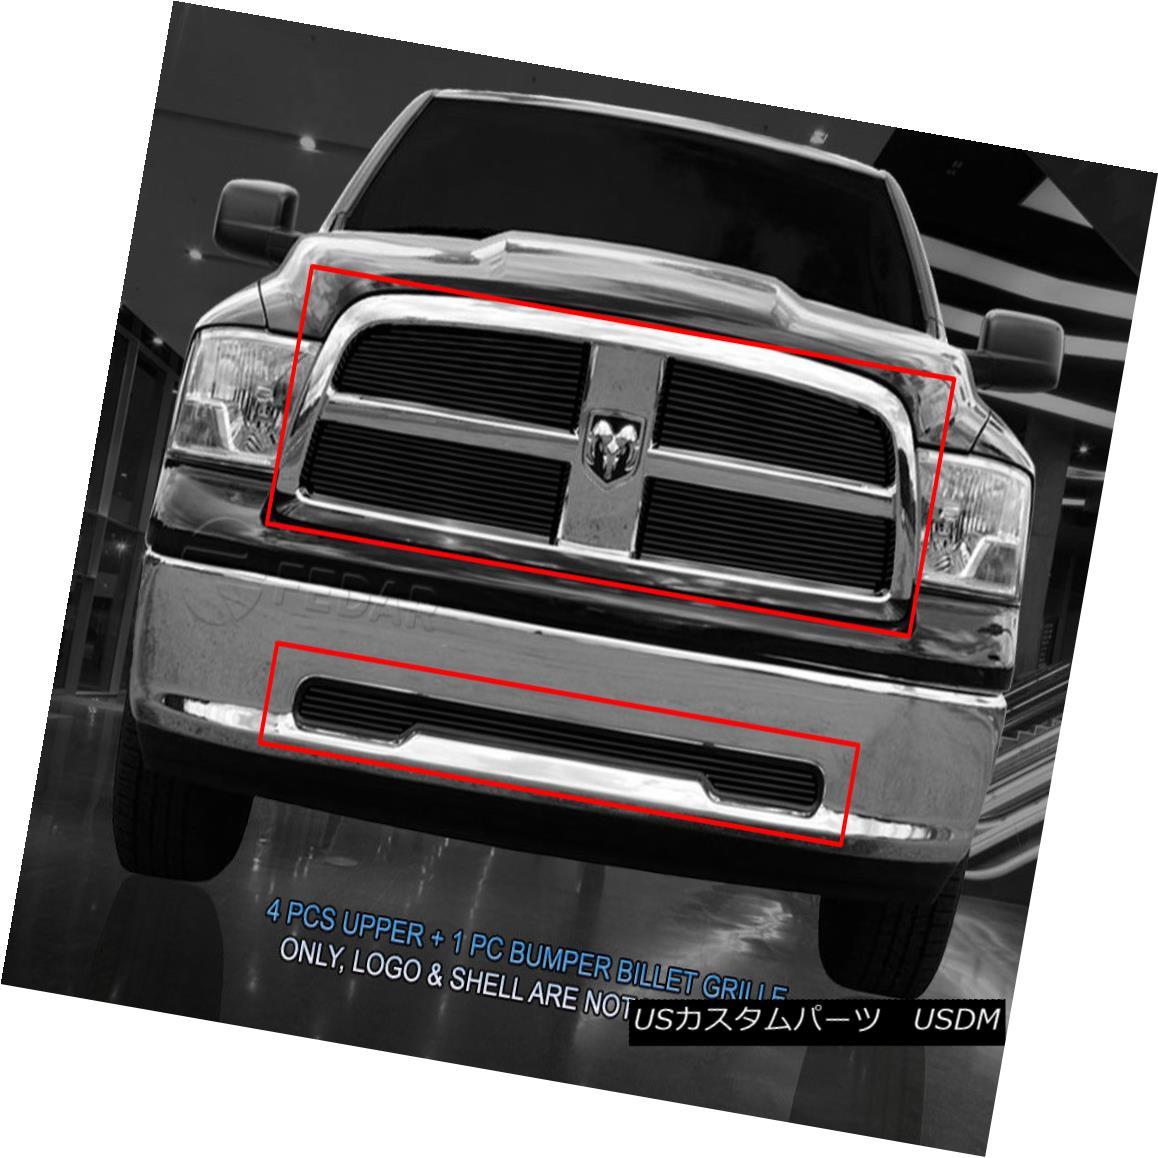 グリル Fedar Fits 09-12 Dodge Ram 1500 PU Billet Grille Combo Insert Fedar Fits 09-12ダッジラム1500 PU Billet Grilleコンボインサート